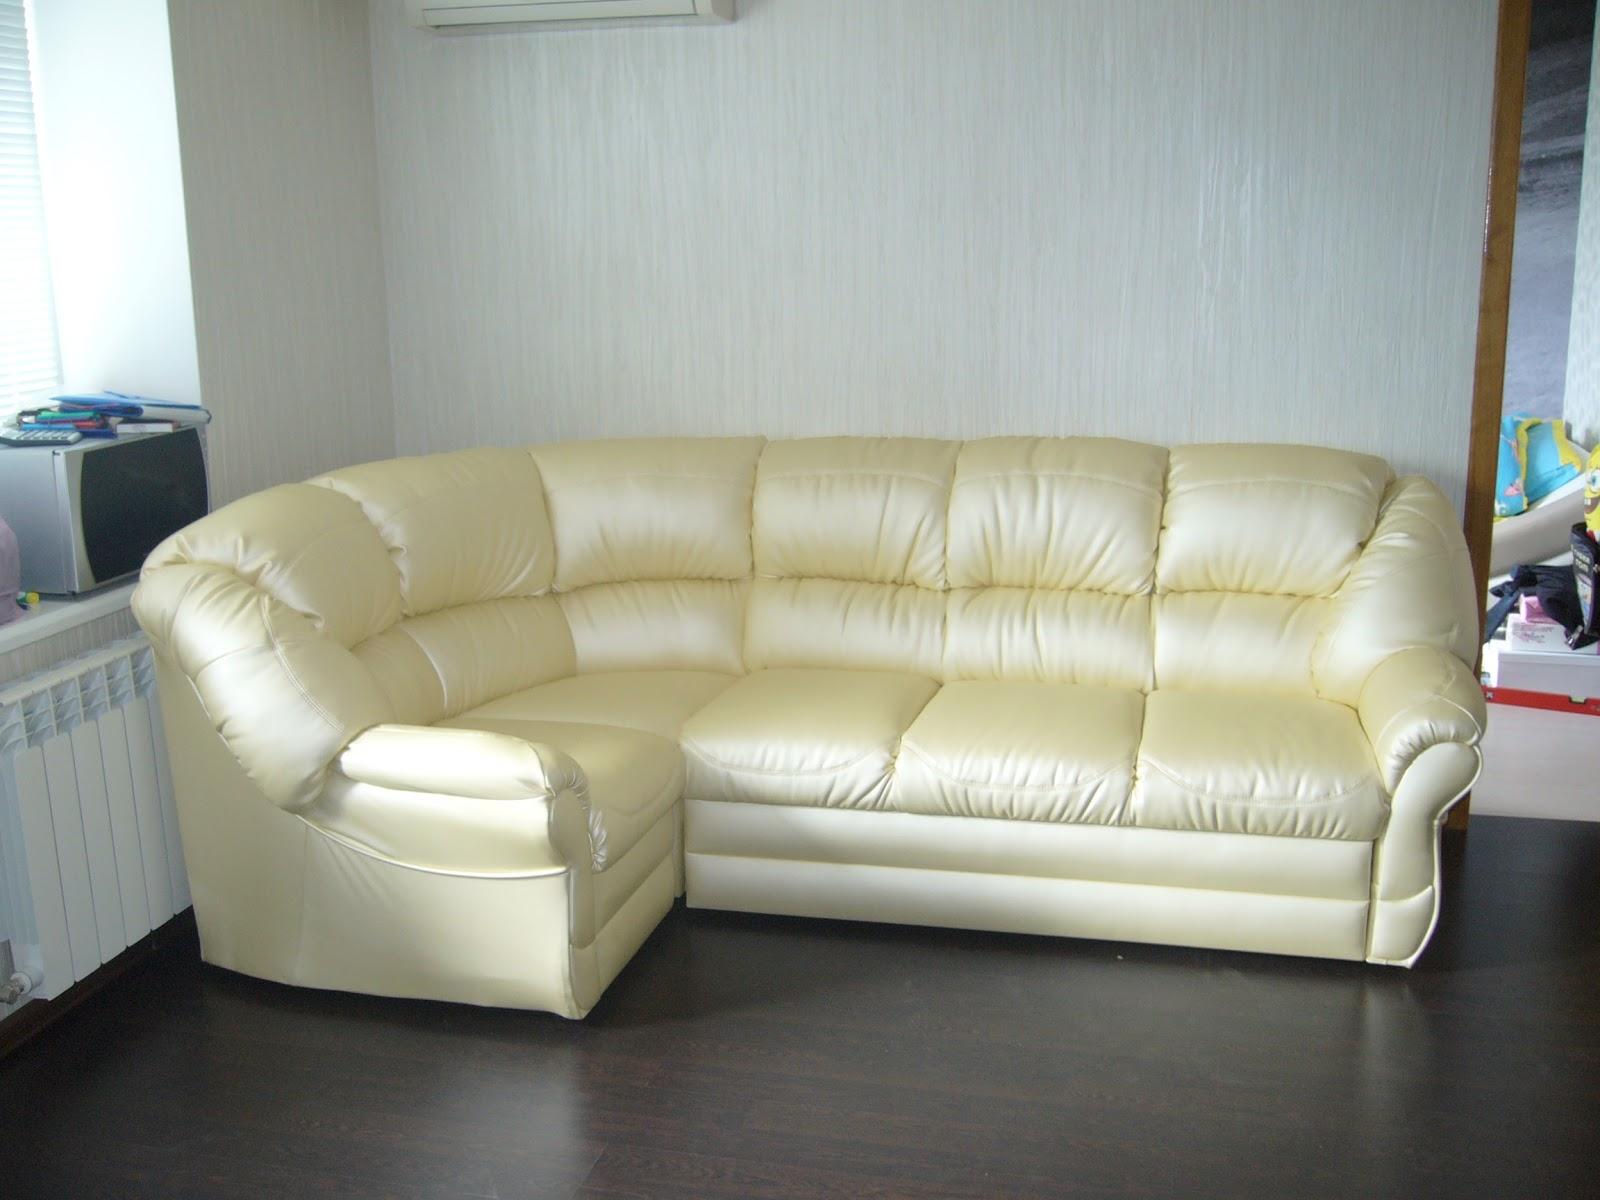 265x160. компактный и очень удобный мягкий уголок. есть большая ниша для постельных принадлежностей